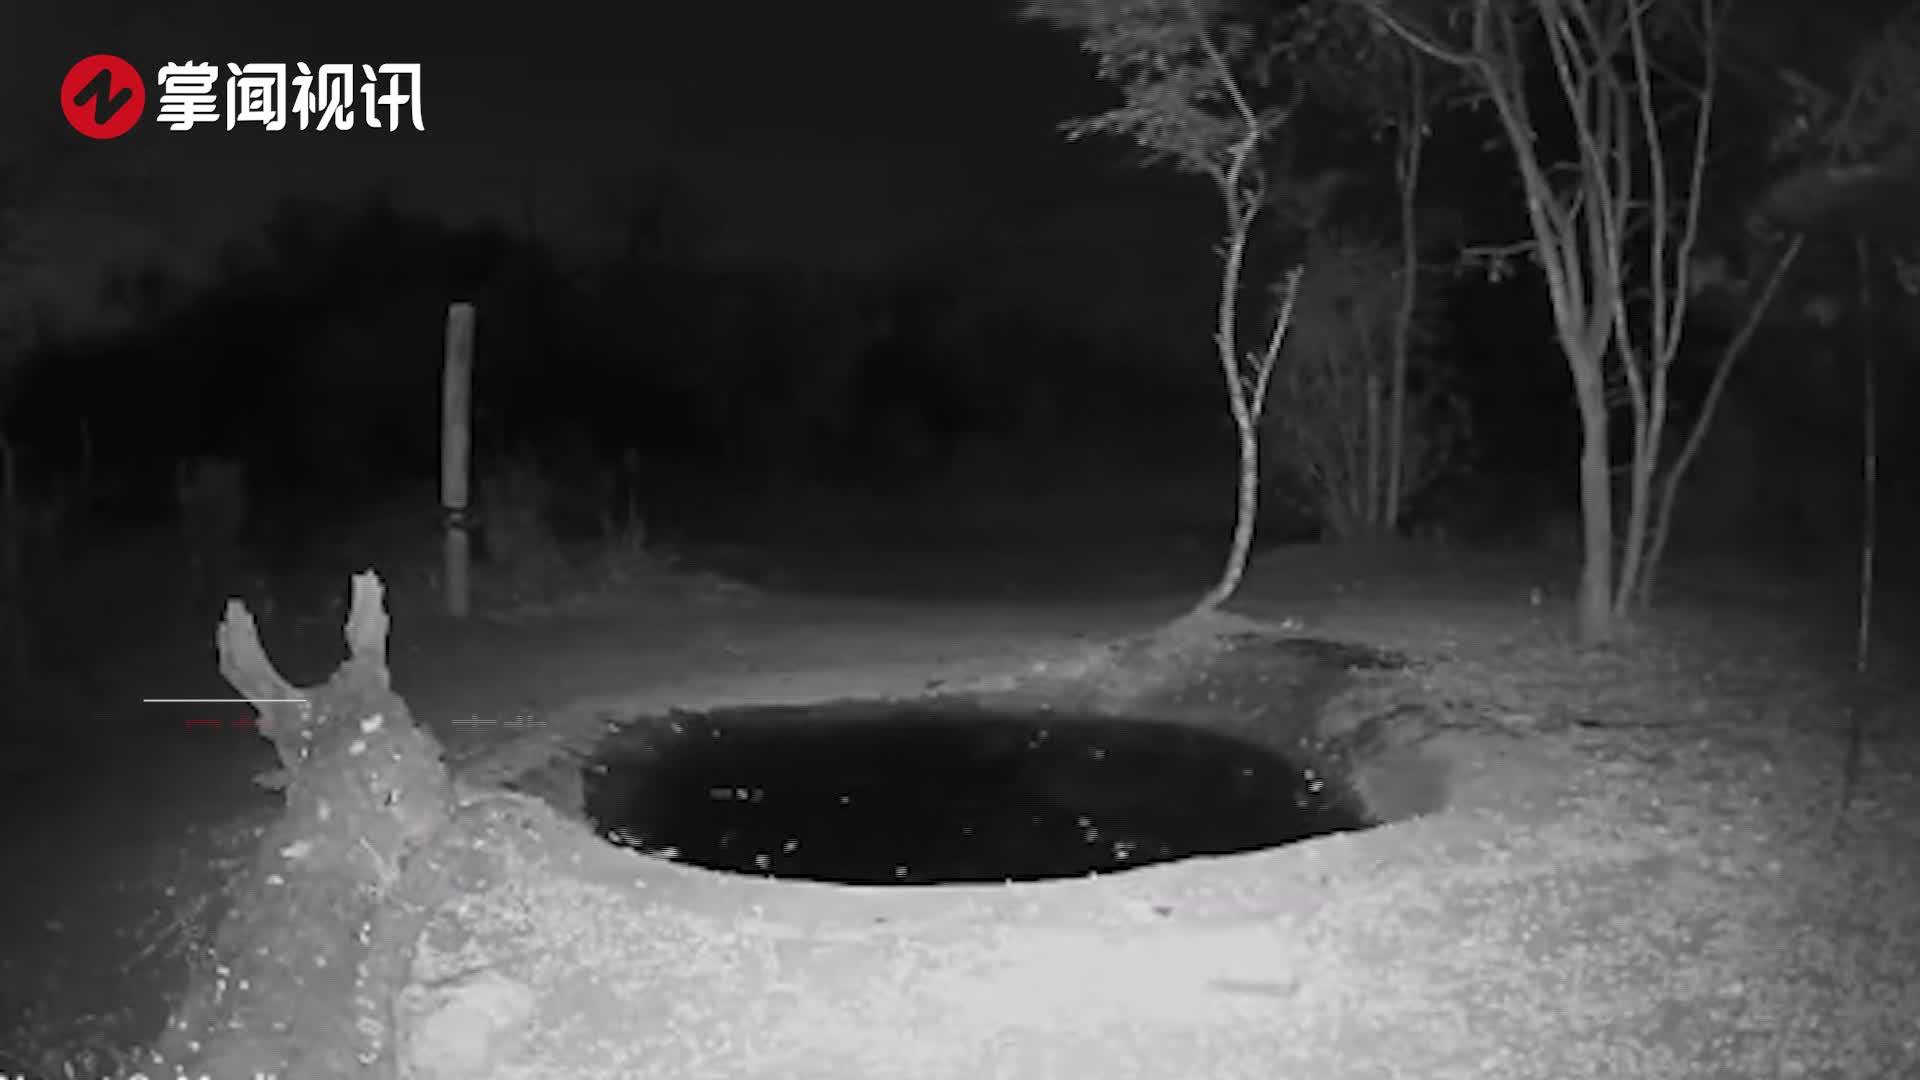 豹子在水坑边喝水感到有东西接近自己 立马吓得跳起2米高